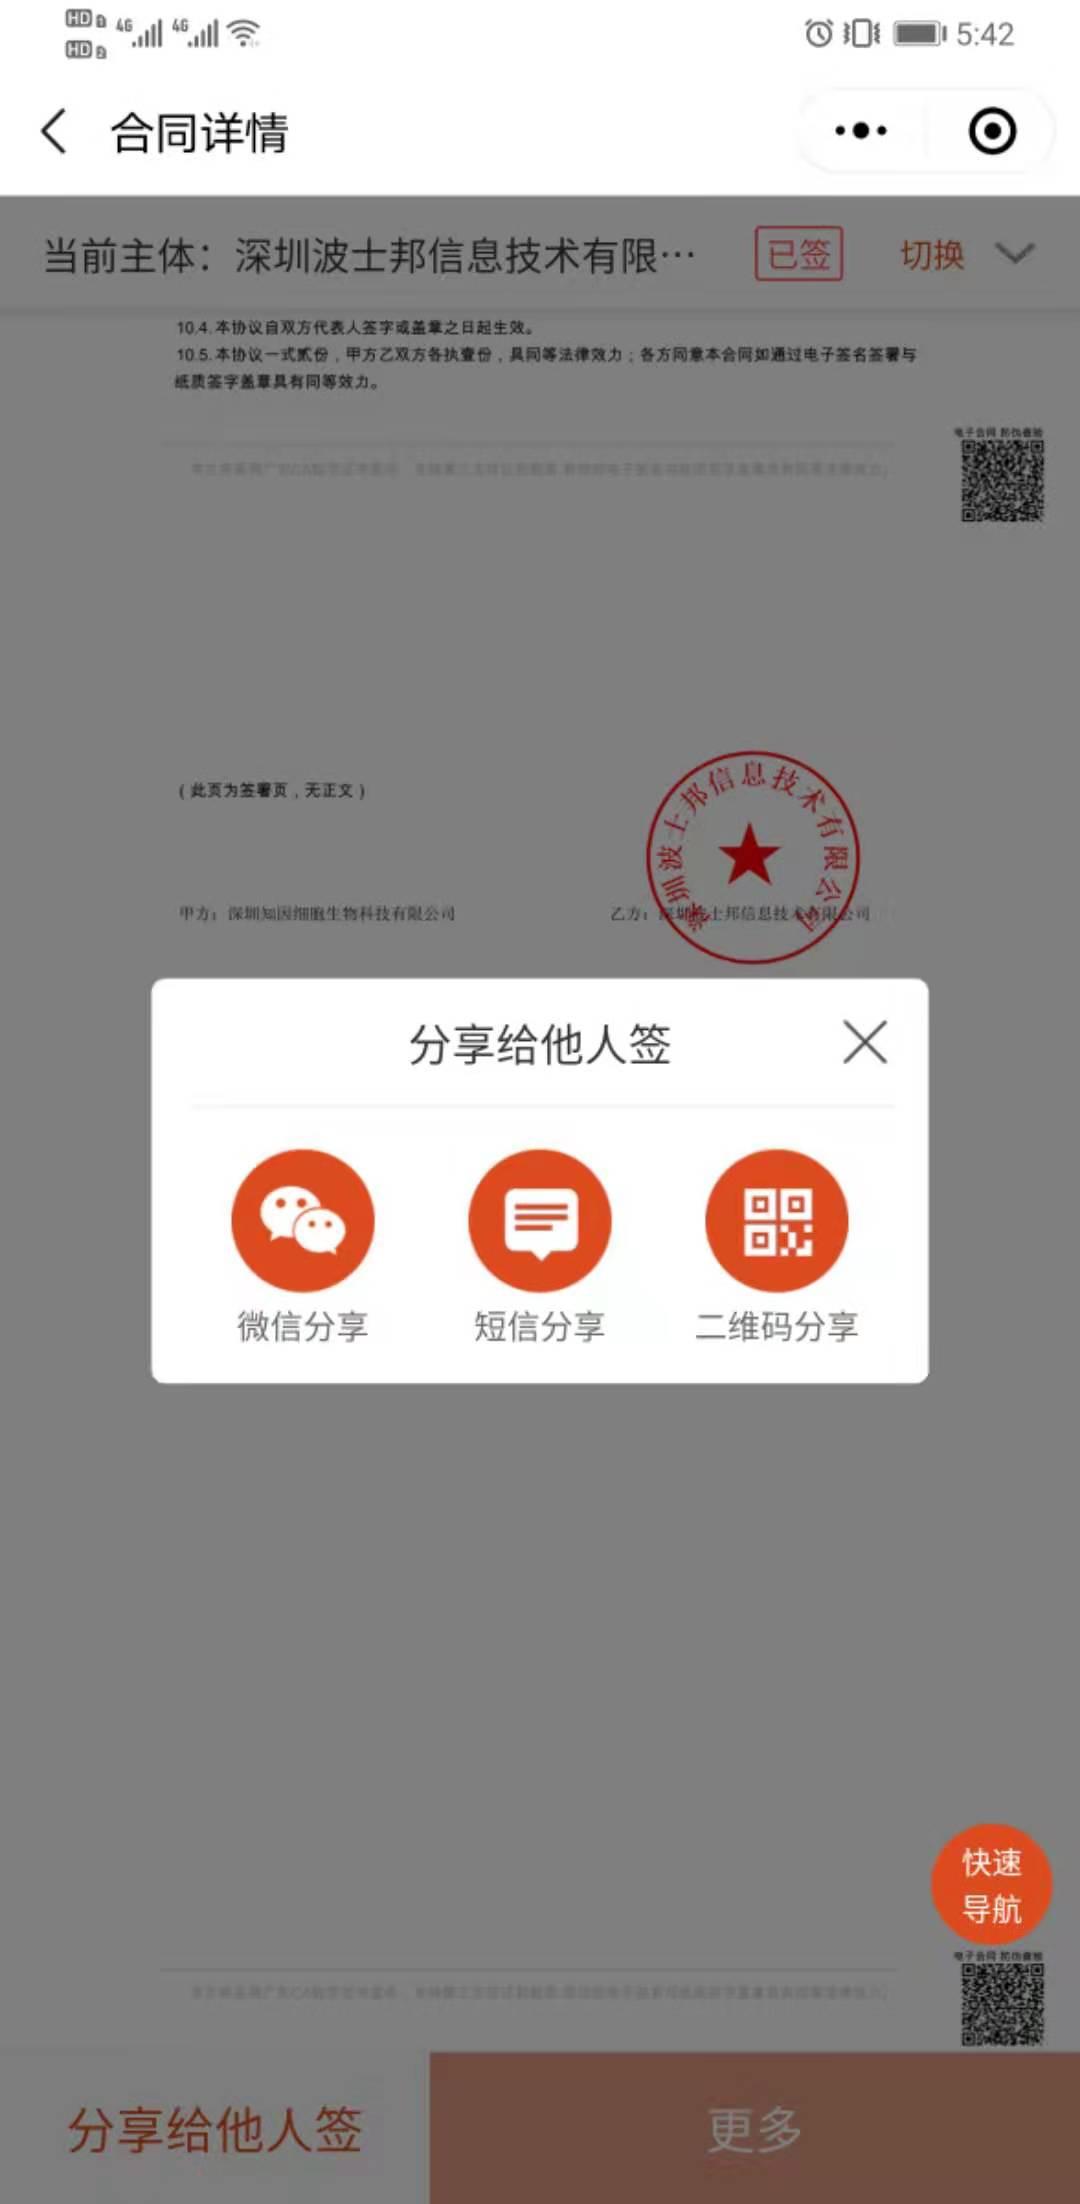 电子合同申请_免费的法律服务价格-深圳波士邦信息技术有限公司